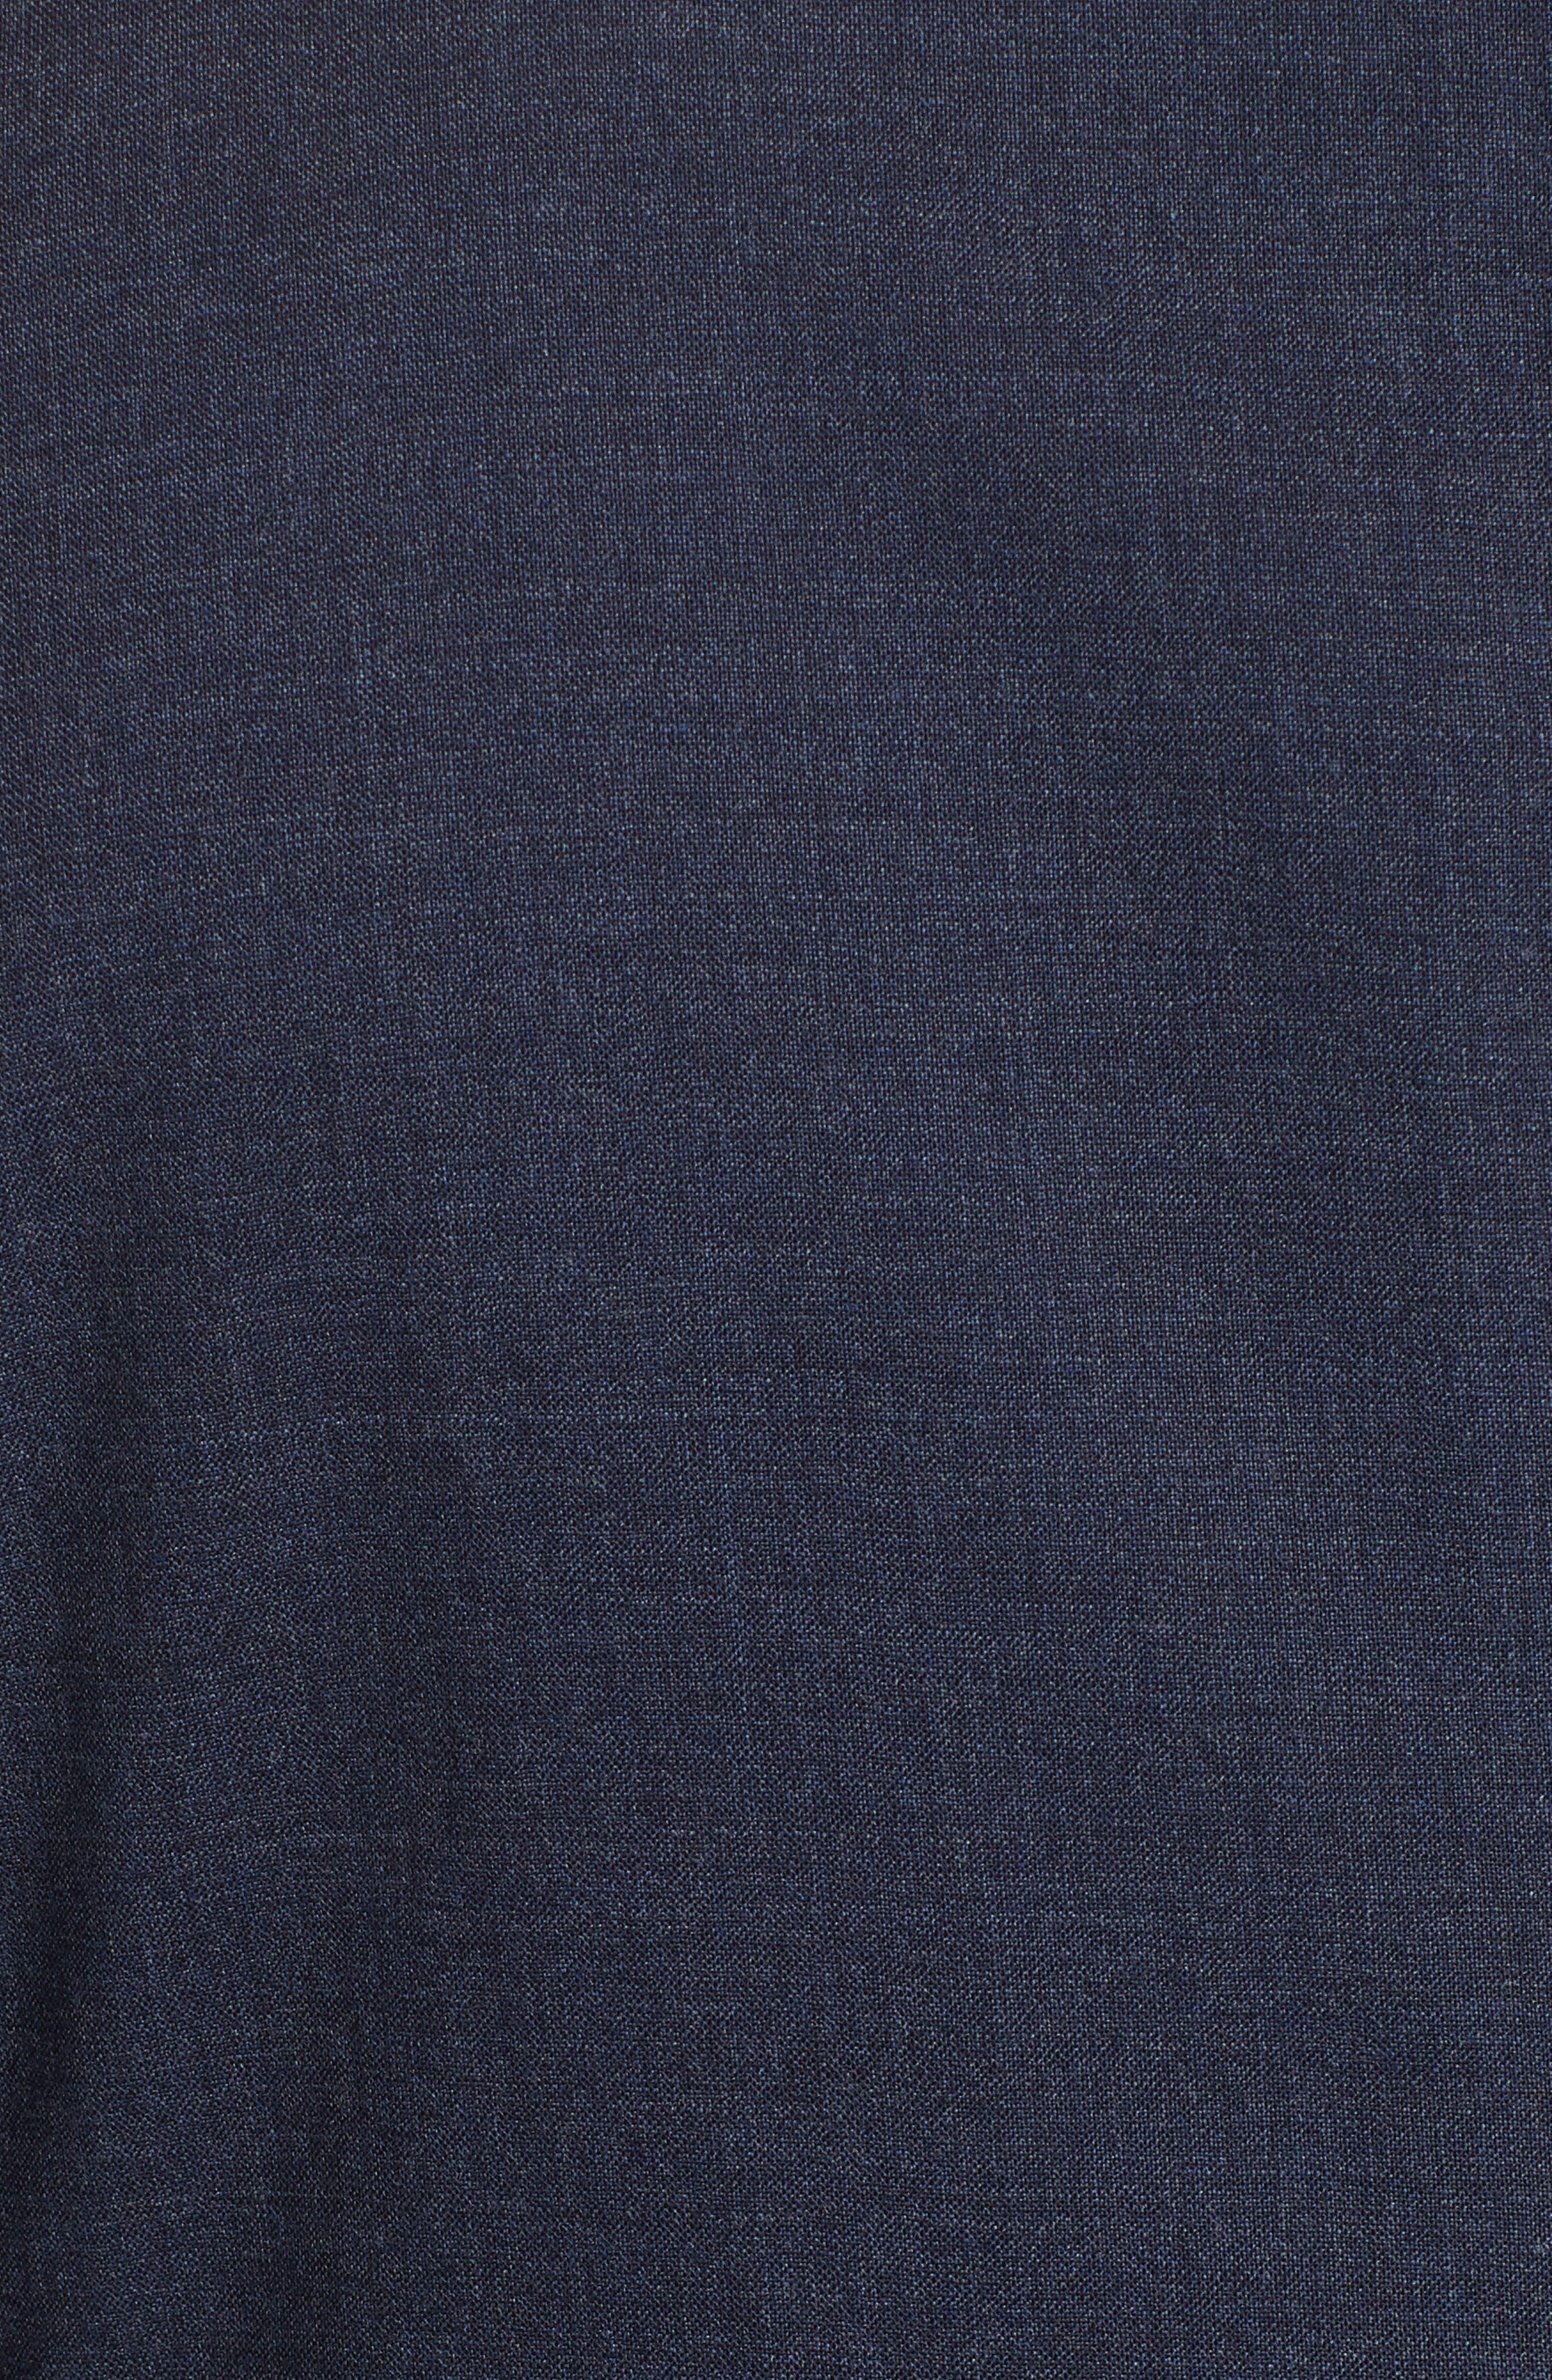 Trim Fit Solid Wool Suit,                             Alternate thumbnail 7, color,                             BLUE